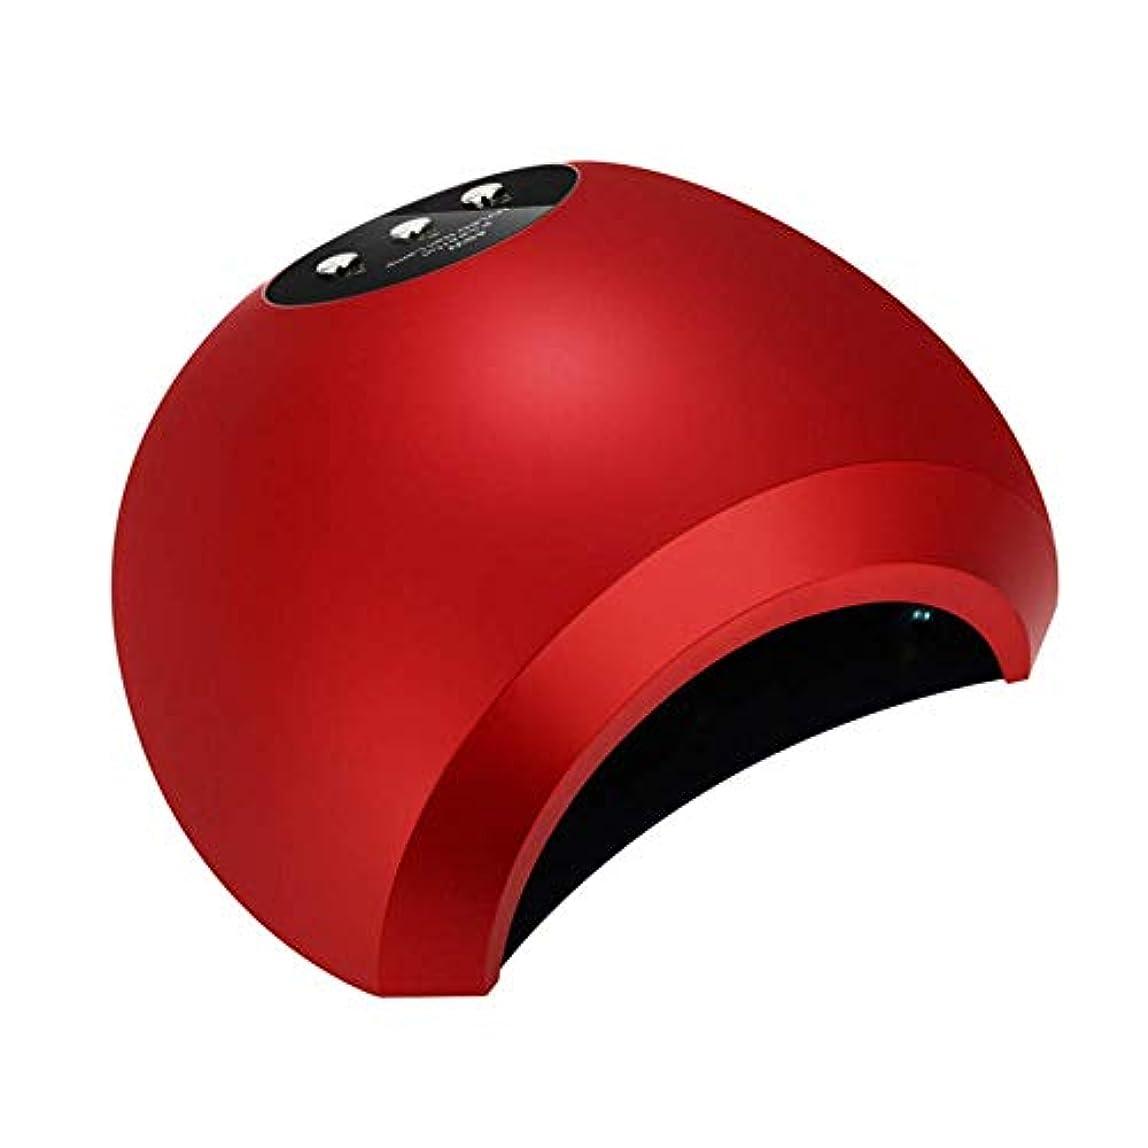 サーバベジタリアンゴミ箱Led UVネイルドライヤー48ワット3モードプロフェッショナル液晶ディスプレイ赤外線センシングジェルポリッシュランプ光硬化マニキュア機、赤,赤